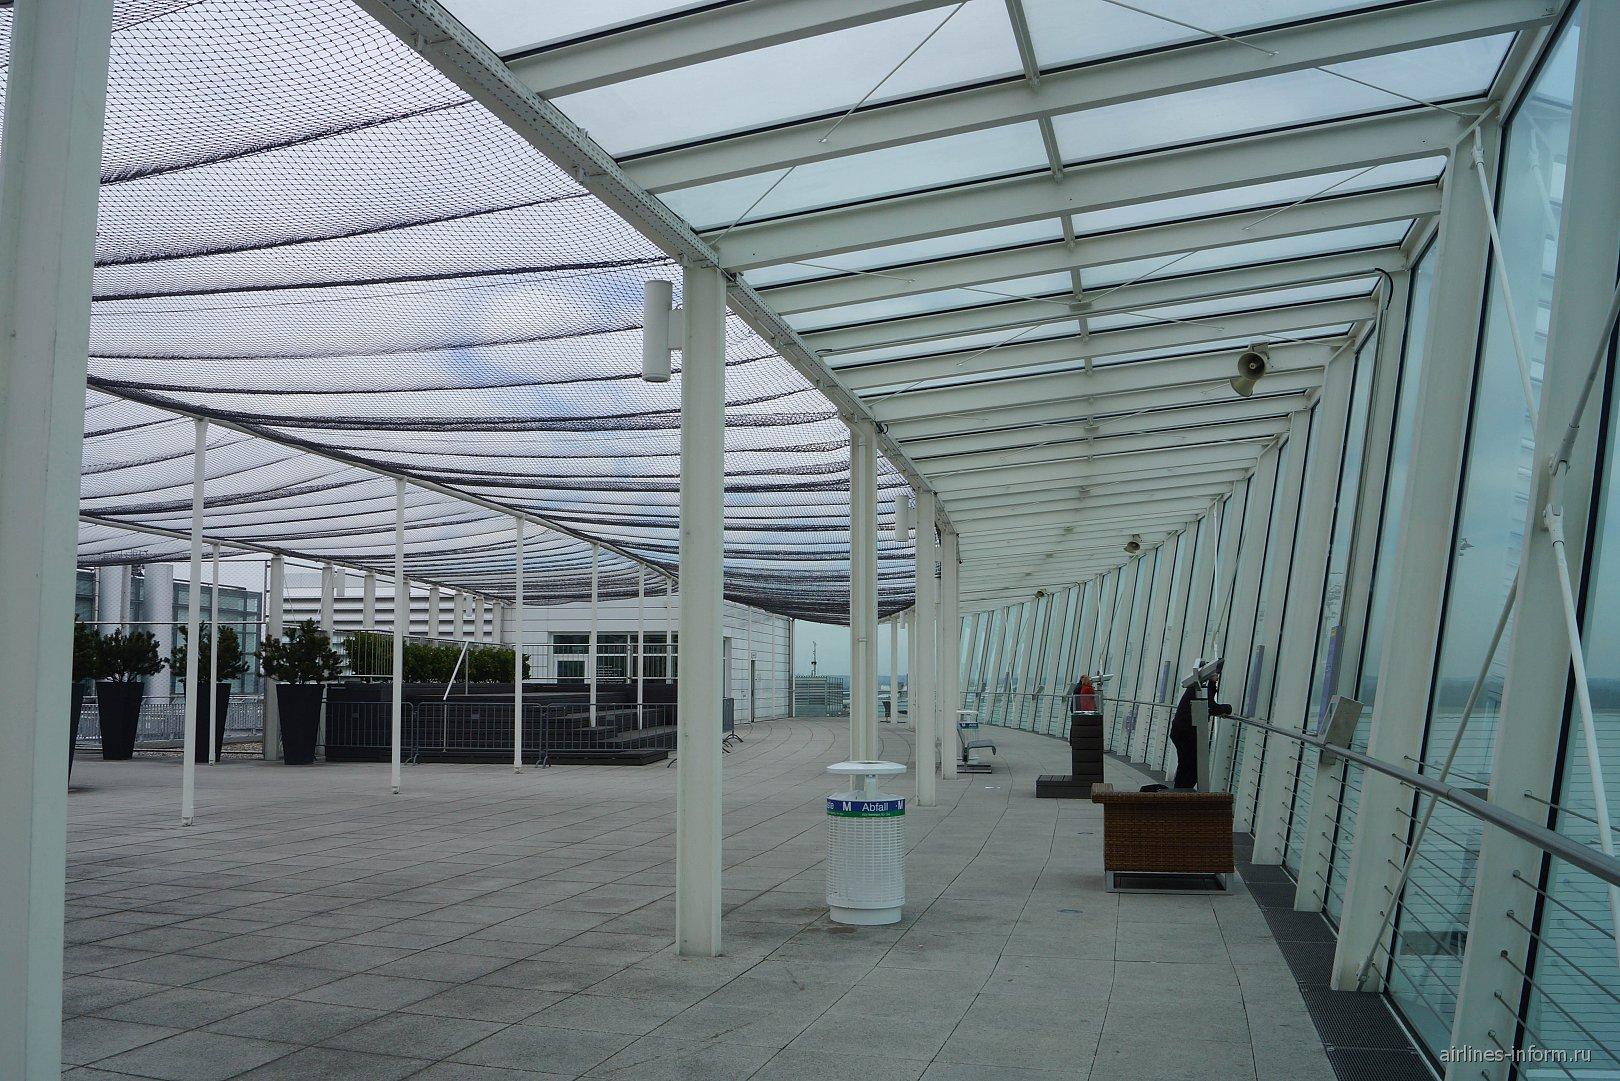 Смотровая площадка в Терминале 2 аэропорта Мюнхен